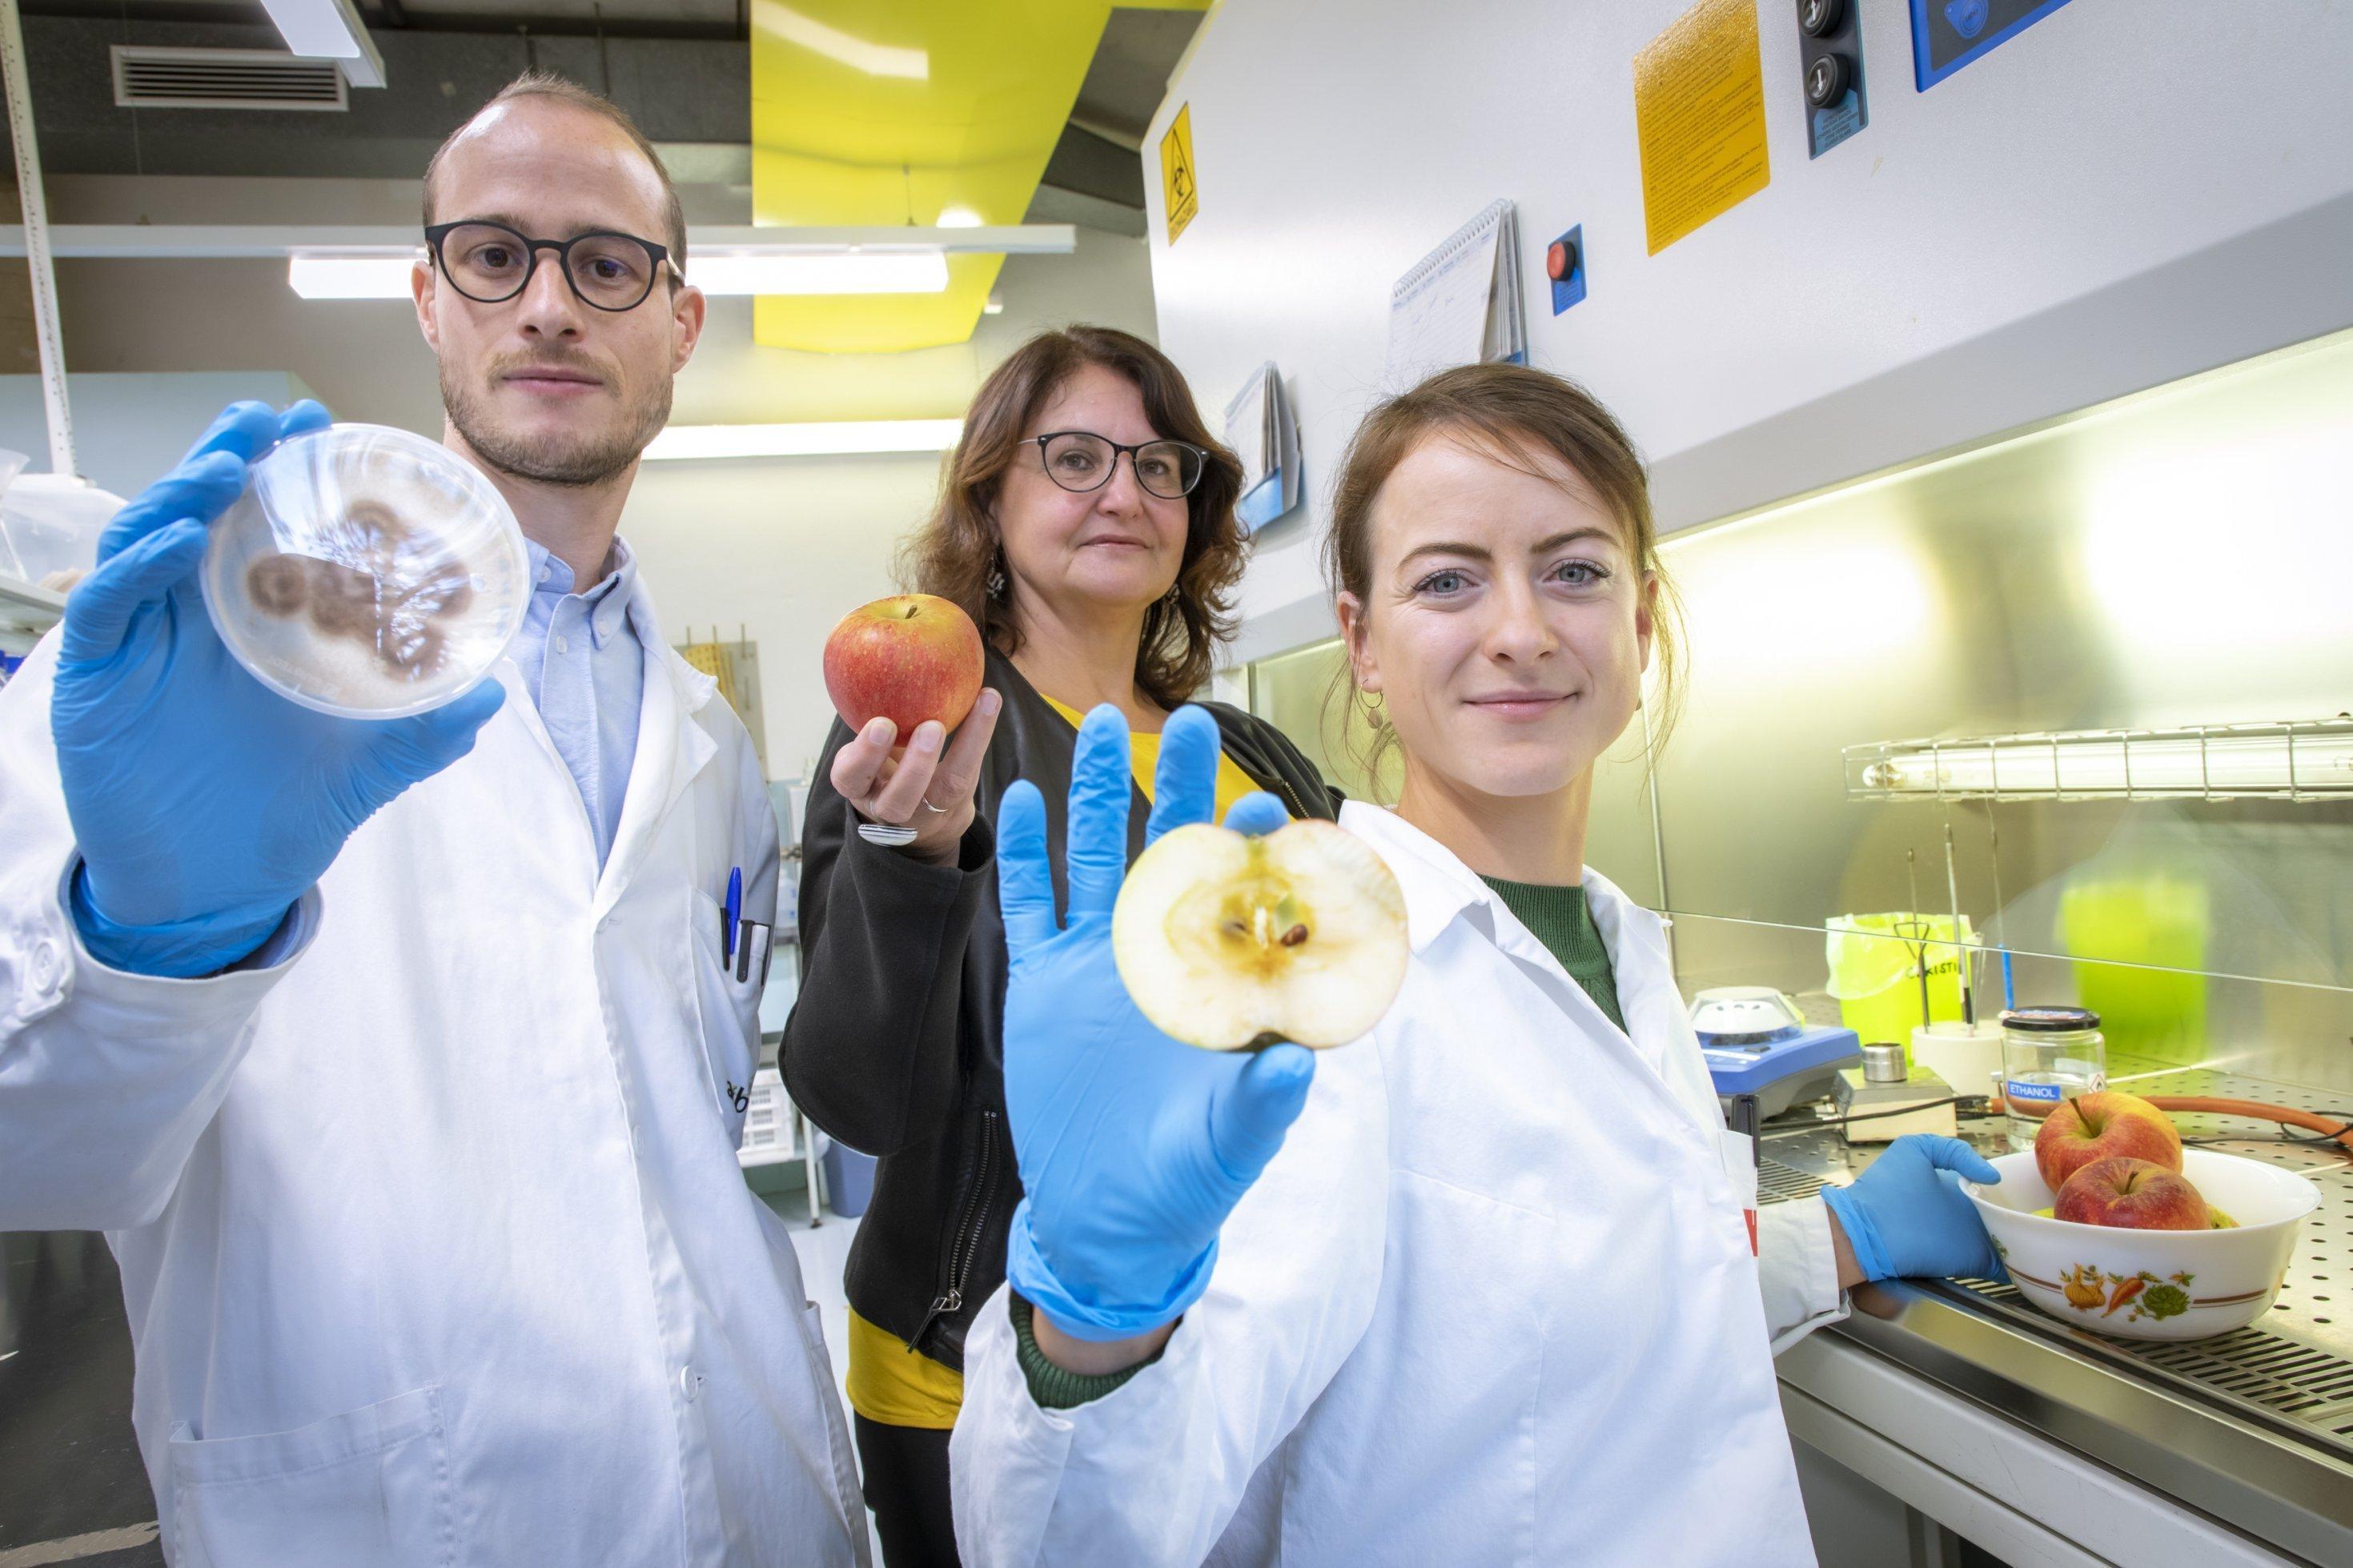 Prof. Gabriele Berg steht mit zwei Mitarbeitern im Labor. Sie hält einen Apfel in der Hand, an dem sie das Mikrobiom erforscht.